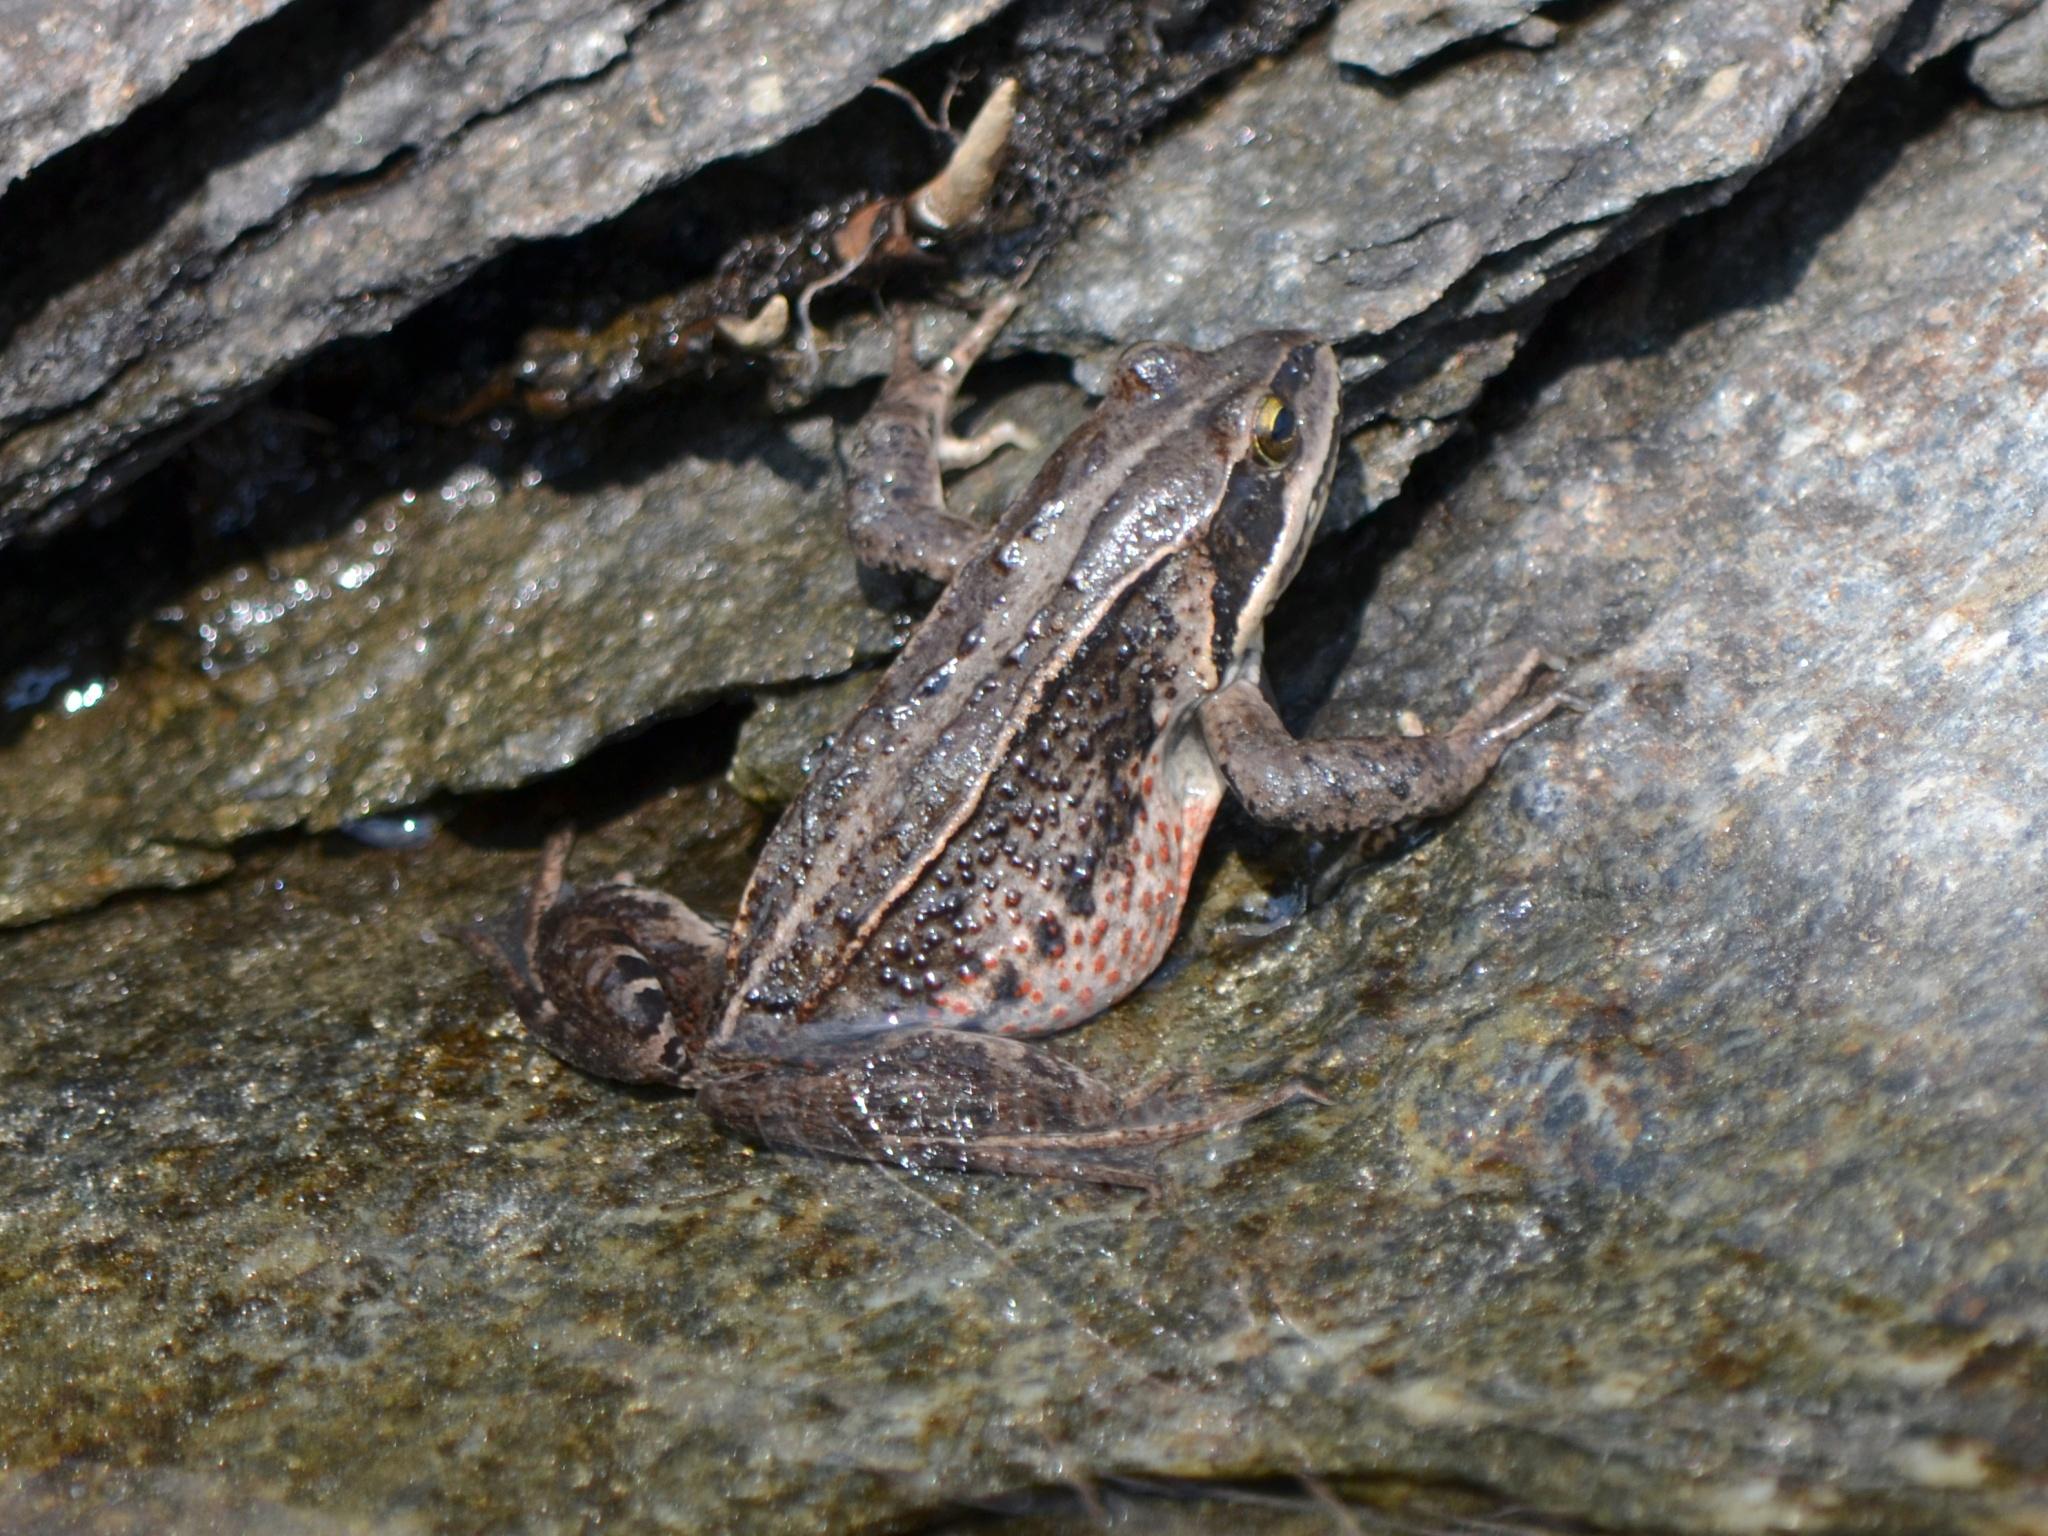 Сибирская лягушка, обнаружена у самых границ заповедника